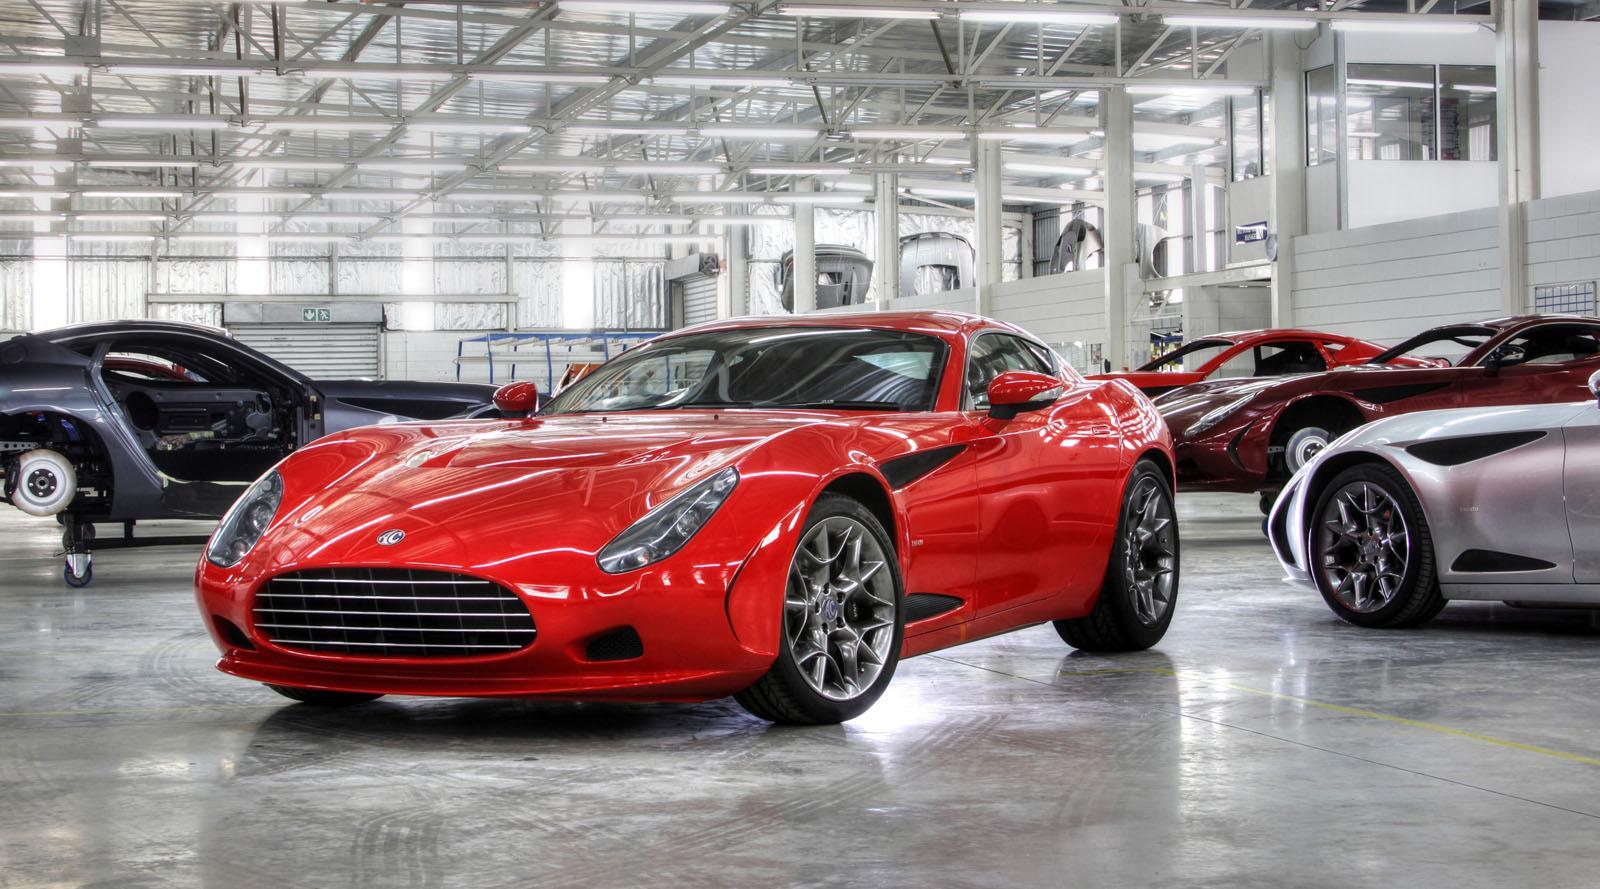 AC 378 GT Zagato I 2012 - 2012 Coupe #5